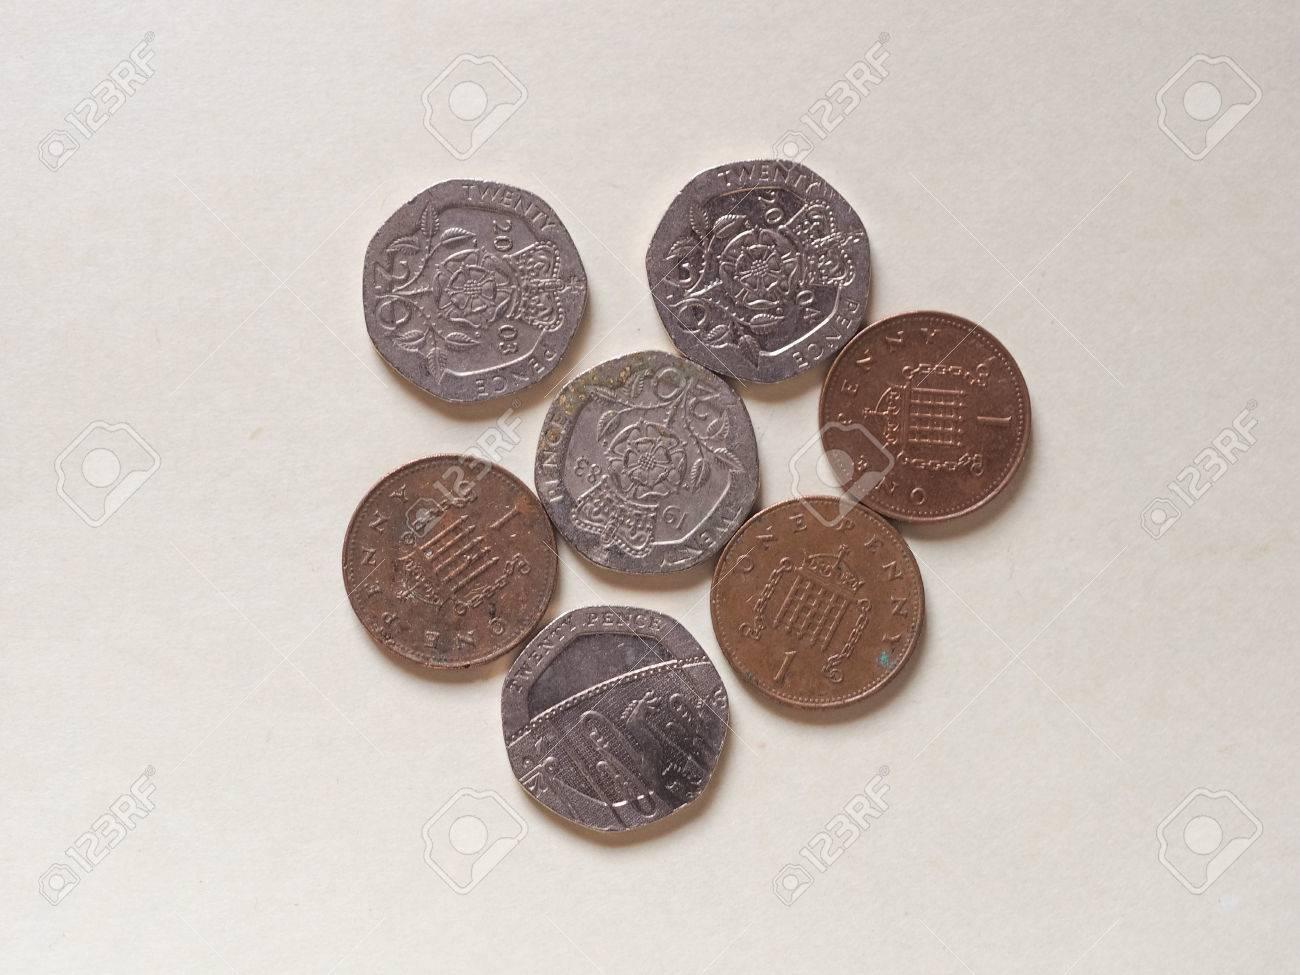 20 Pence Und Ein Penny Pound Münzen Geld Gbp Währung Des